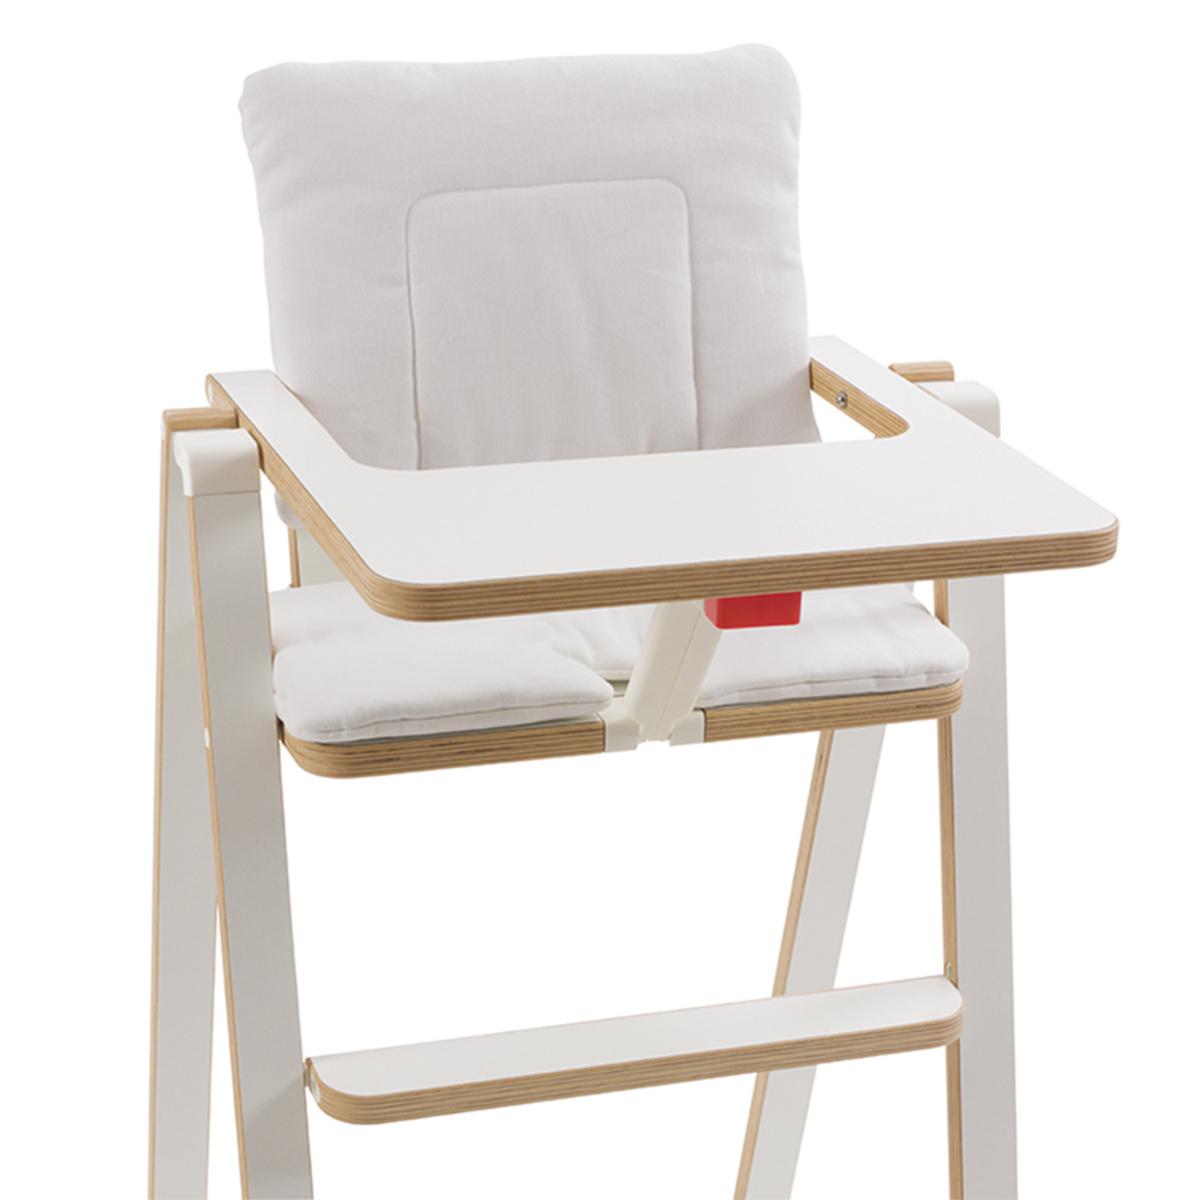 Chaise haute Coussin SUPAflat - Vanilla Marshmallow Coussin SUPAflat - Vanilla Marshmallow